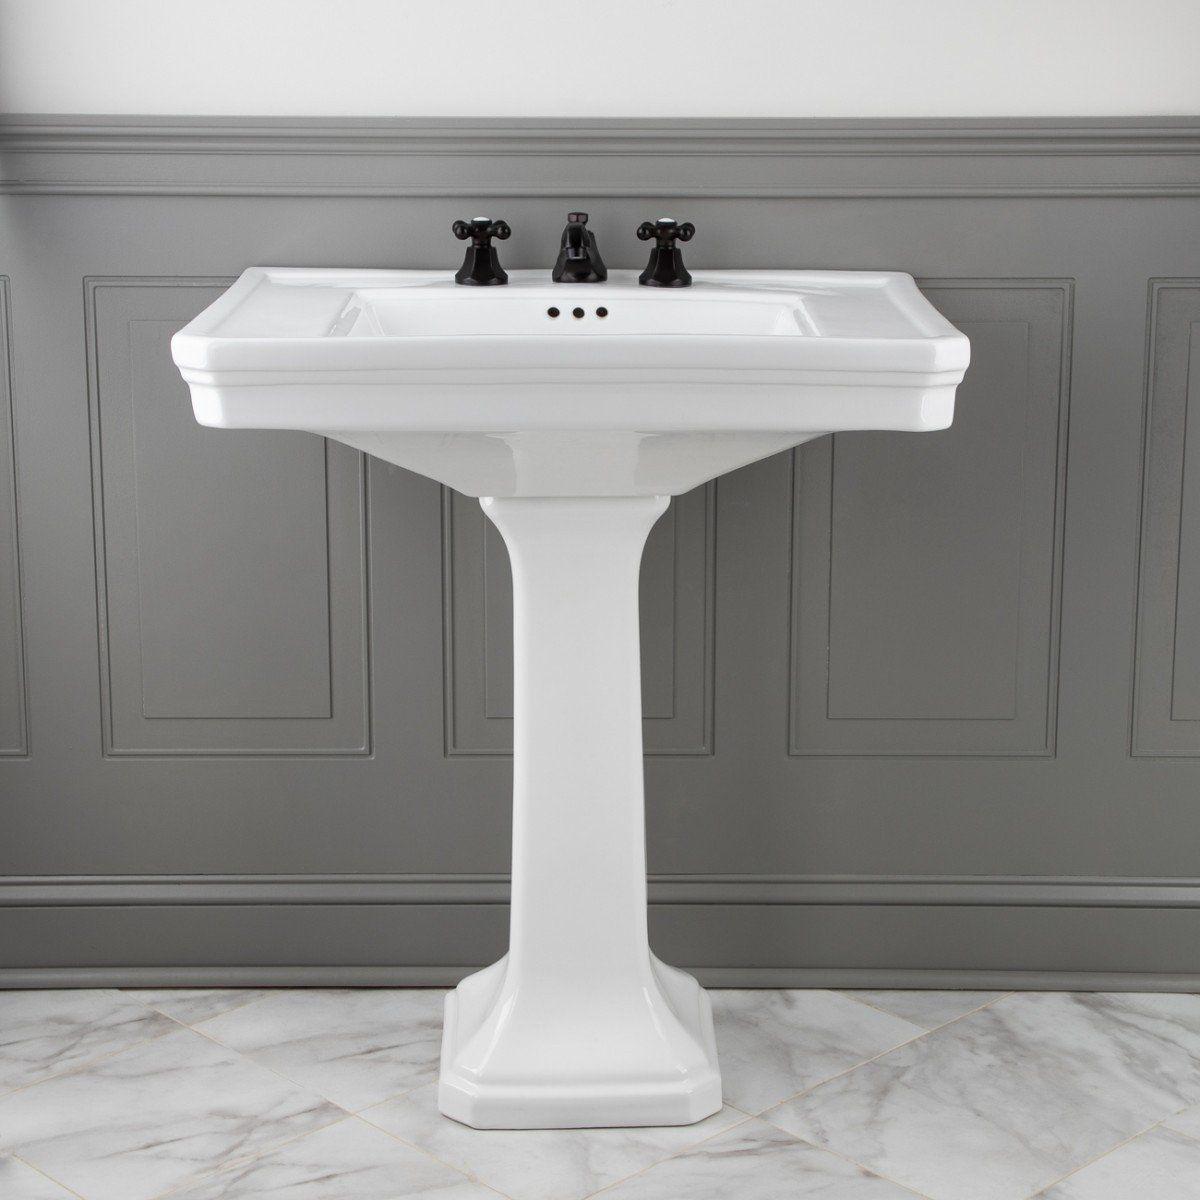 30 Inch Pedestal Sink In 2020 Pedestal Sink Bathroom Pedestal